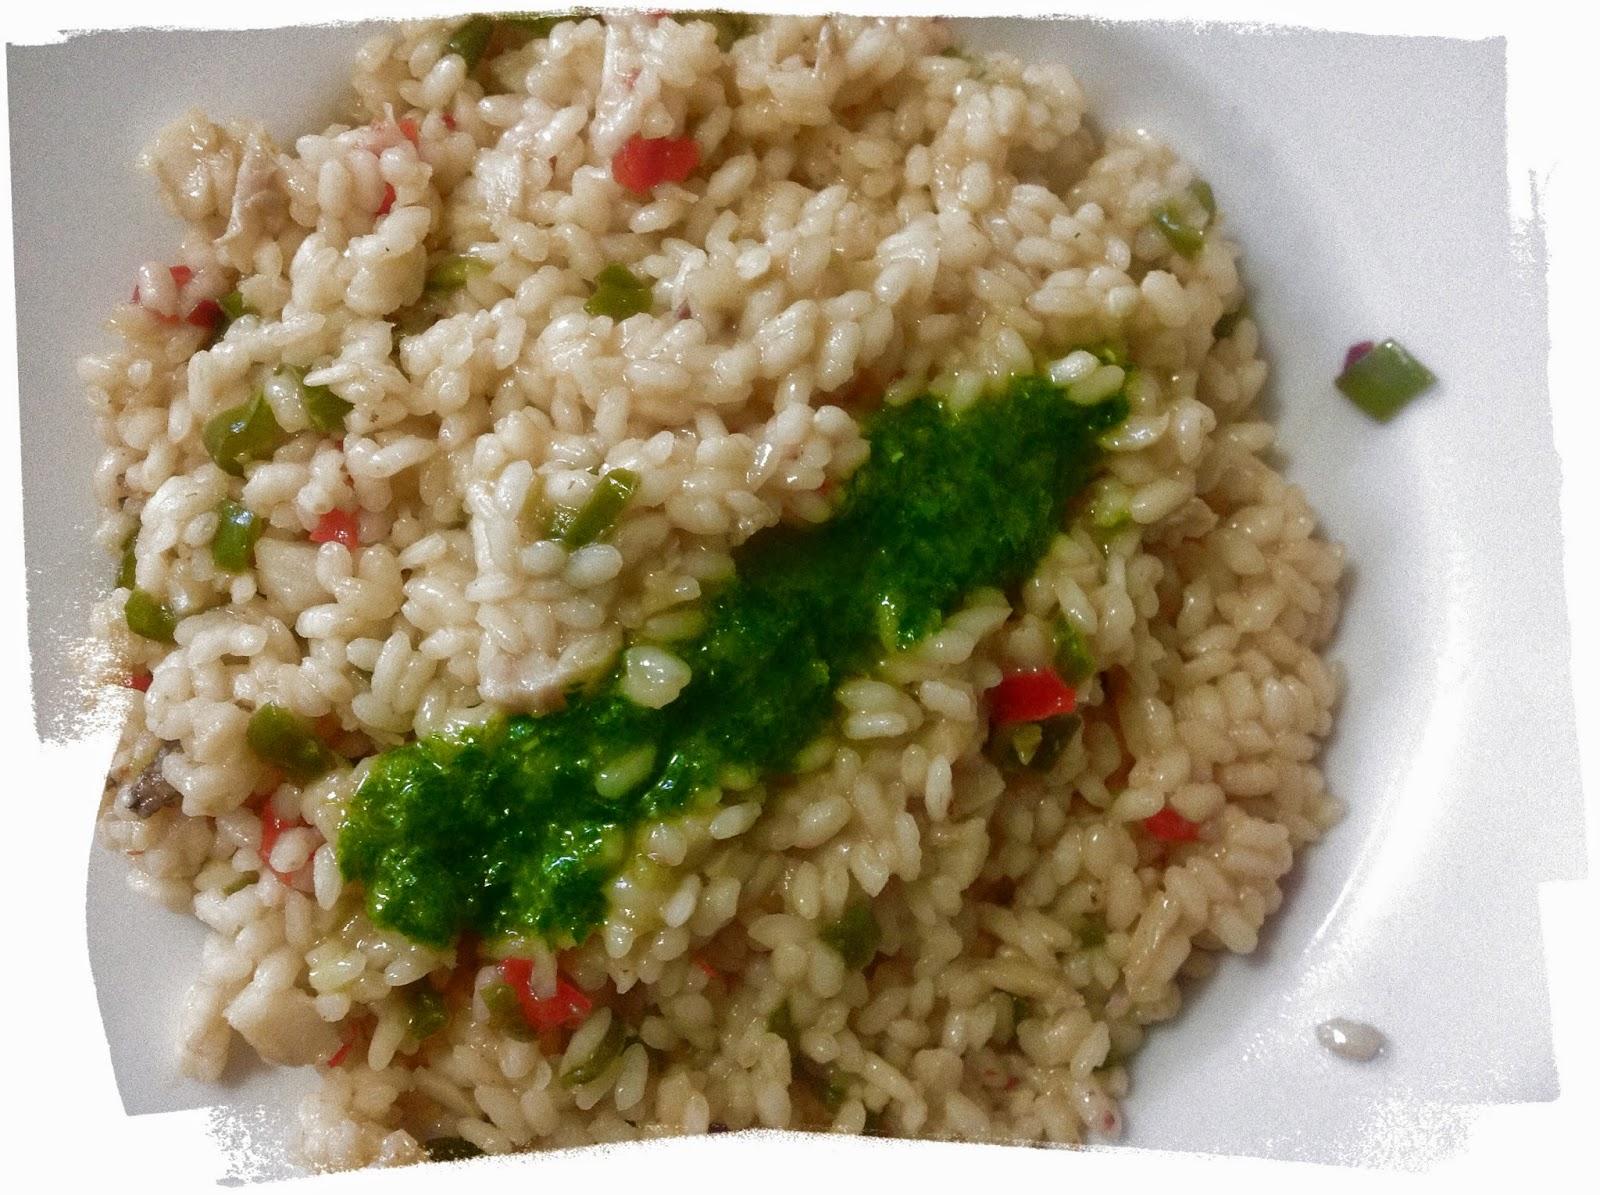 Cocer cantar arroz con bacalao - Arroz con bacalao desmigado ...